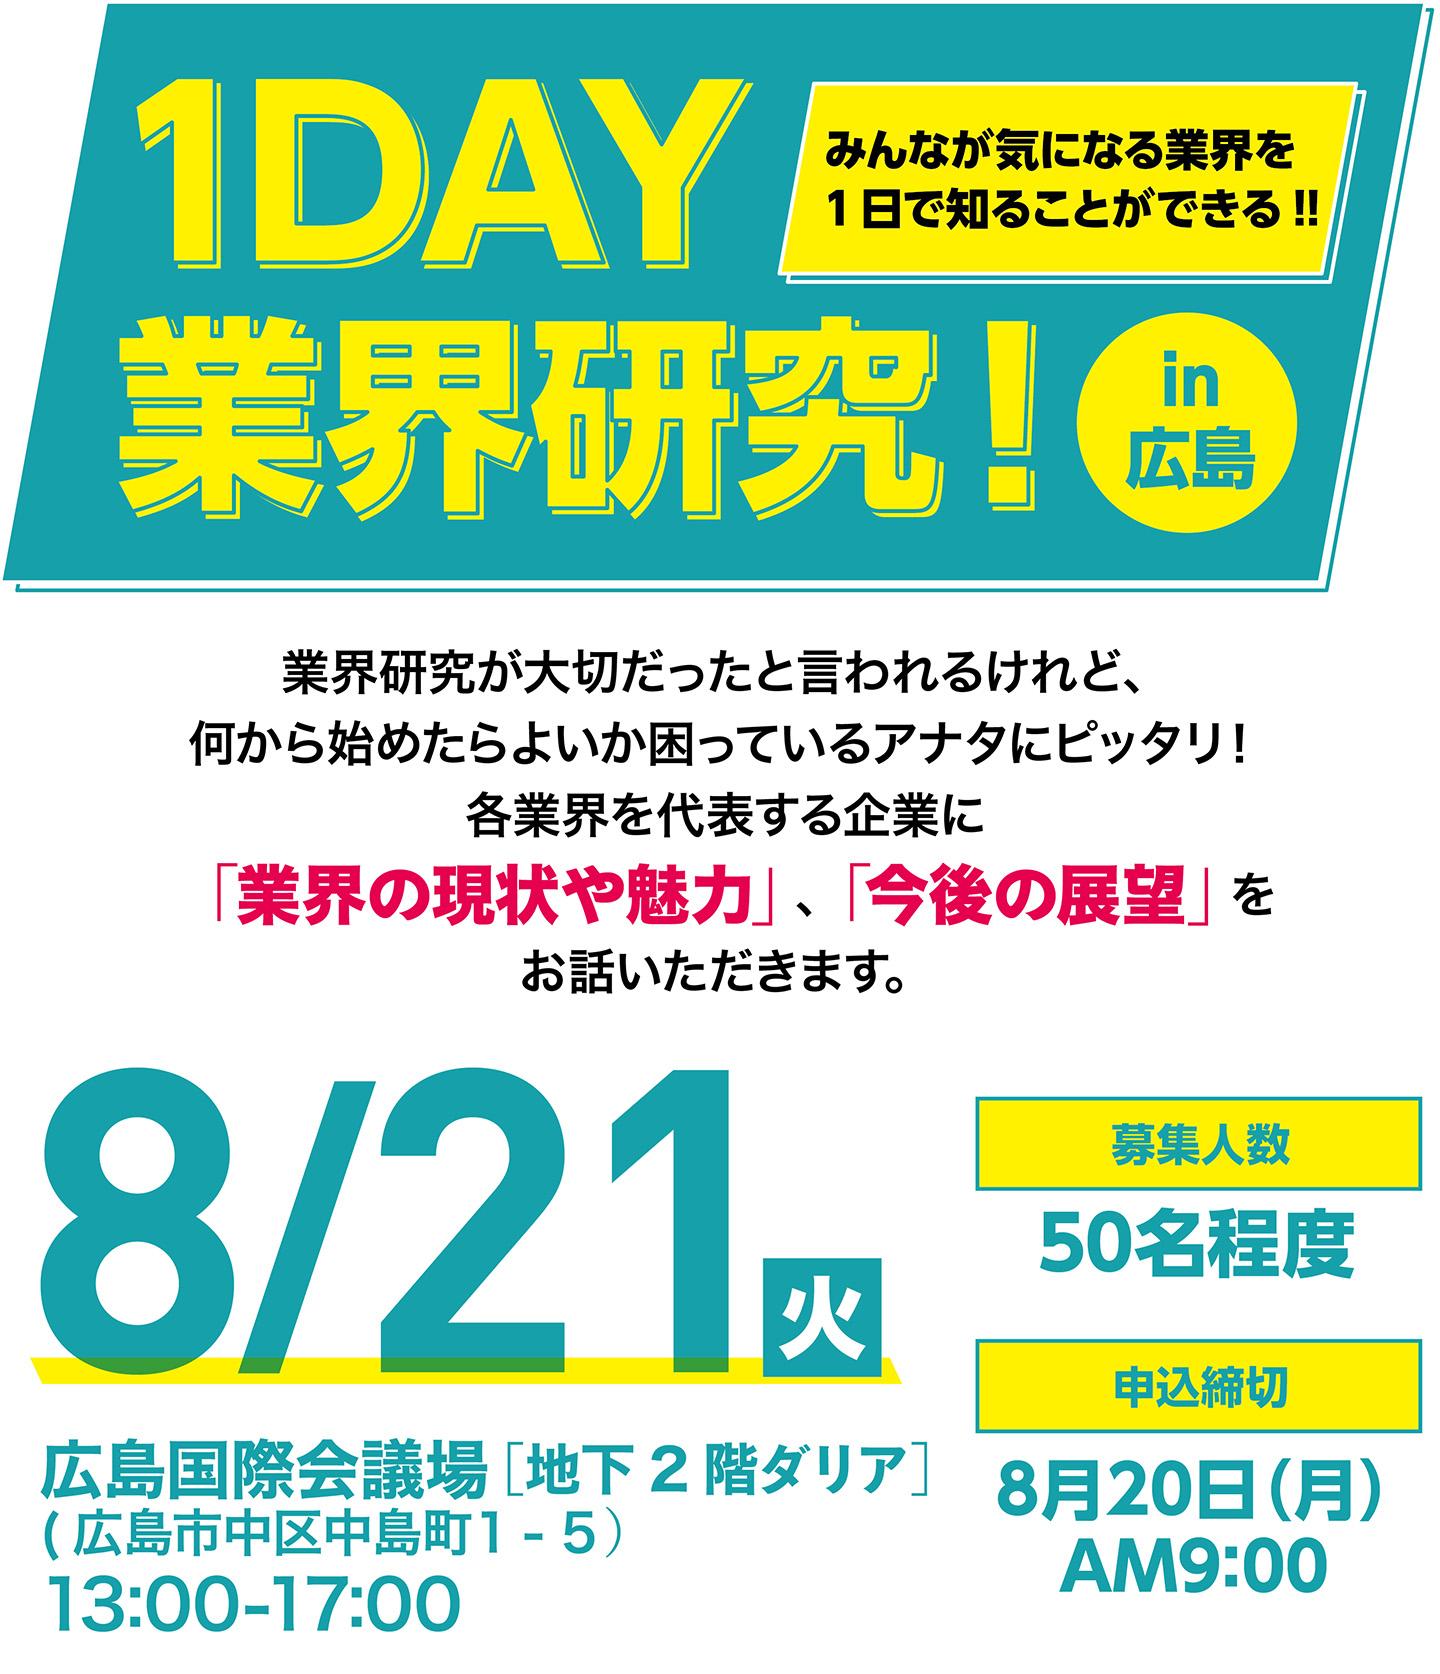 20 0821hiroshima top1 1